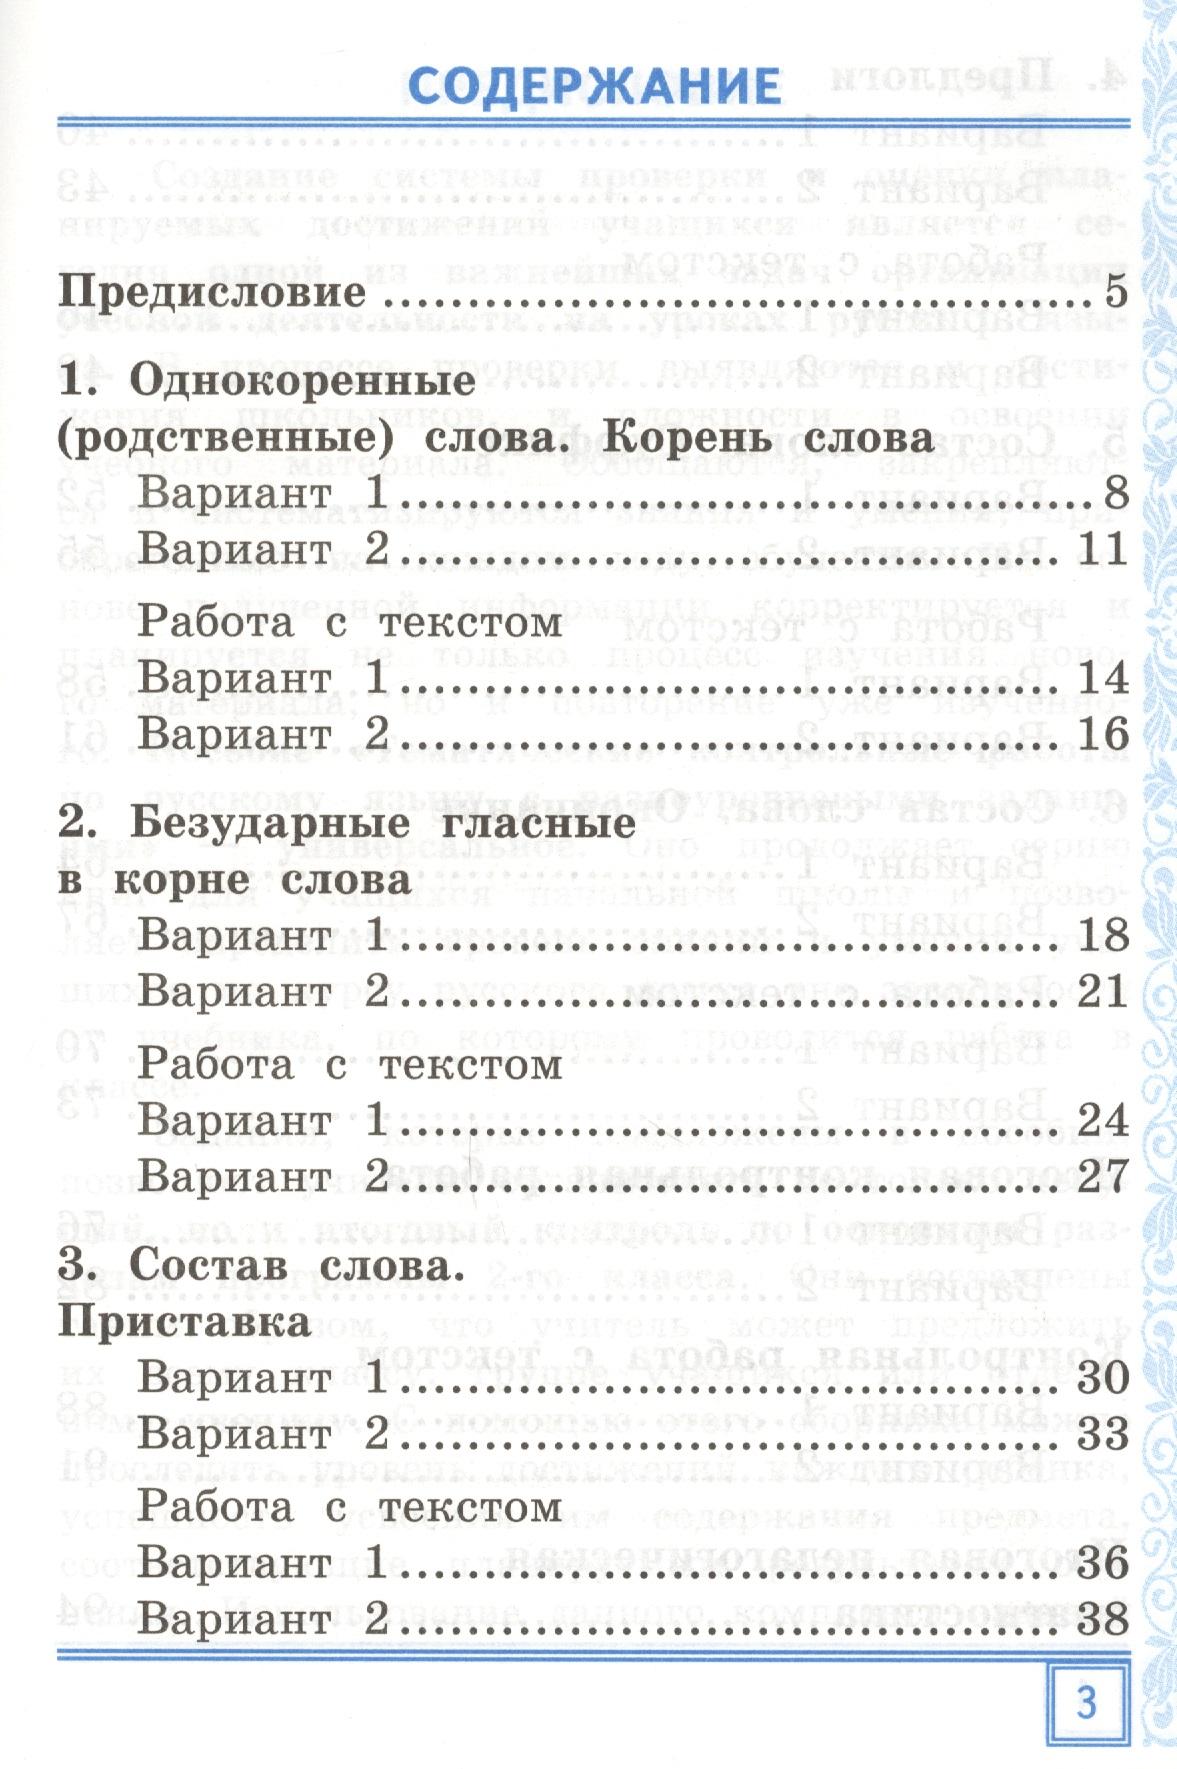 Контрольные работы по русскому языку игнатьева 2 класс скачать